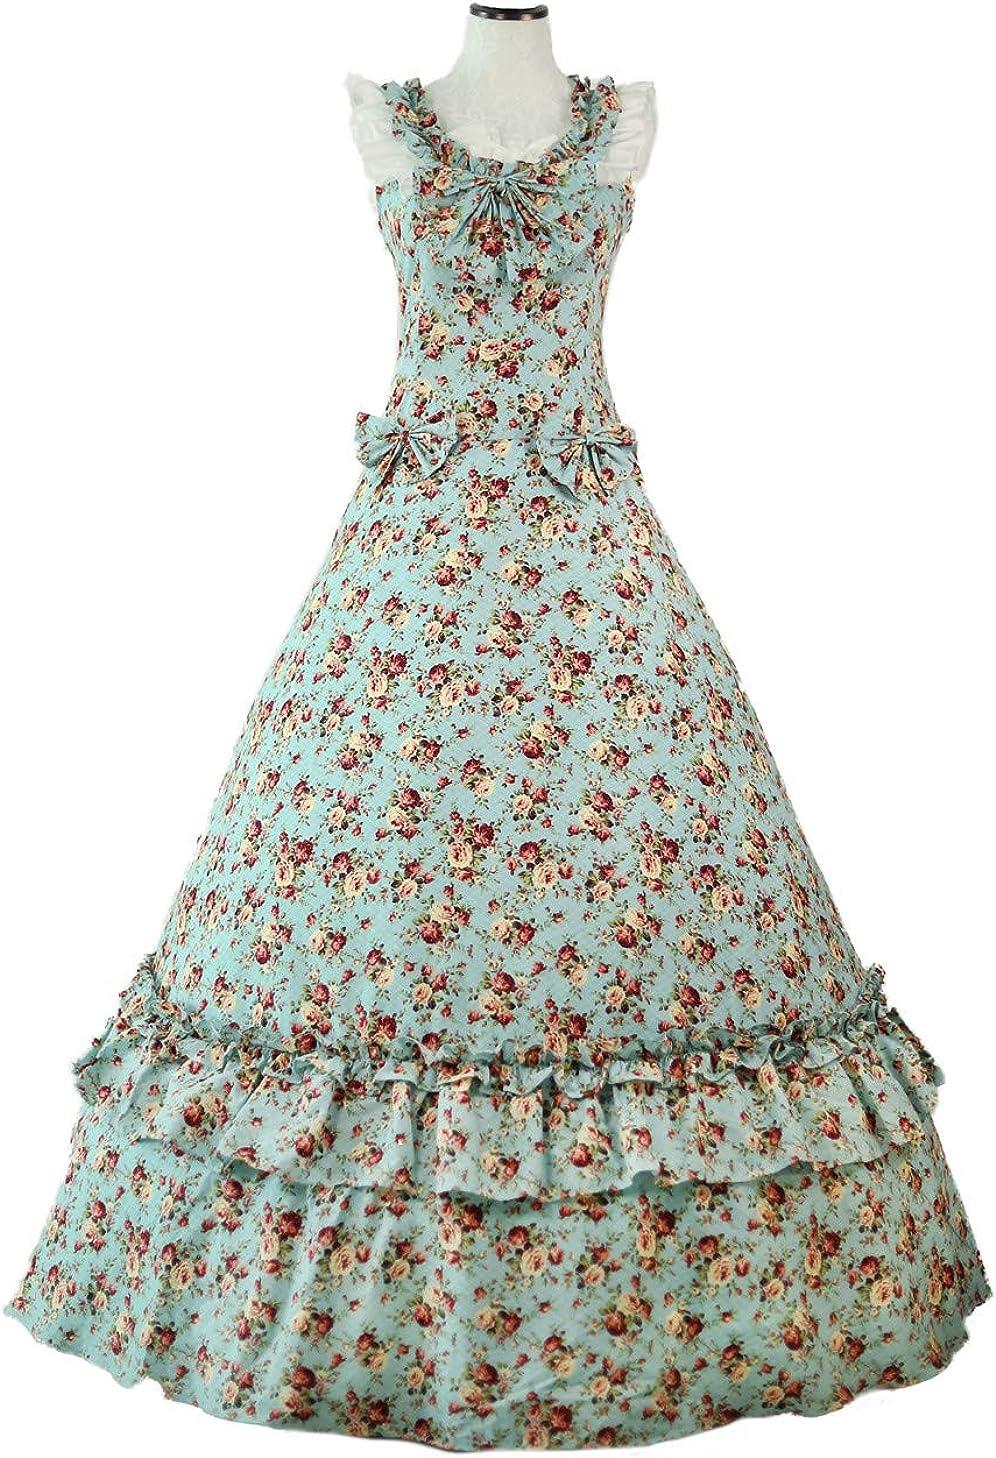 Amazon.com: Vestido de bola de máscara, diseño floral gótico ...